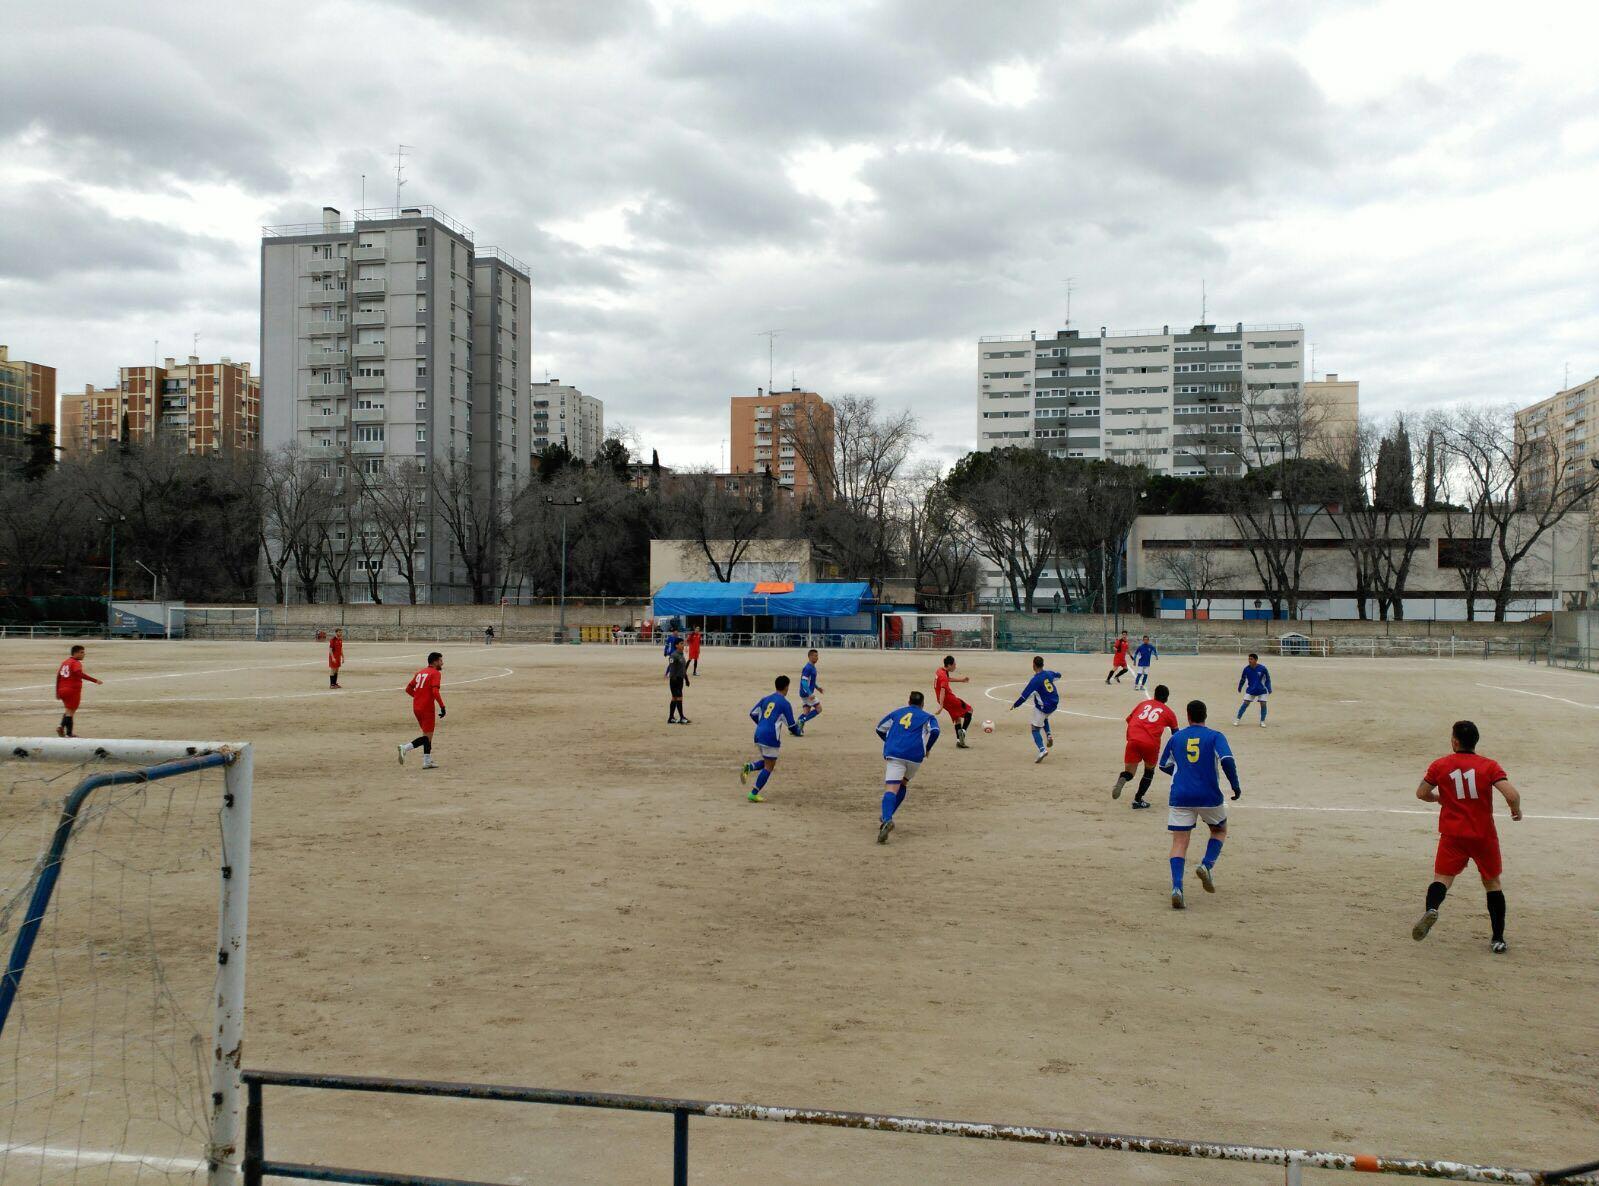 Torres de pisos baratos flanquean el estadio del San Cristóbal.